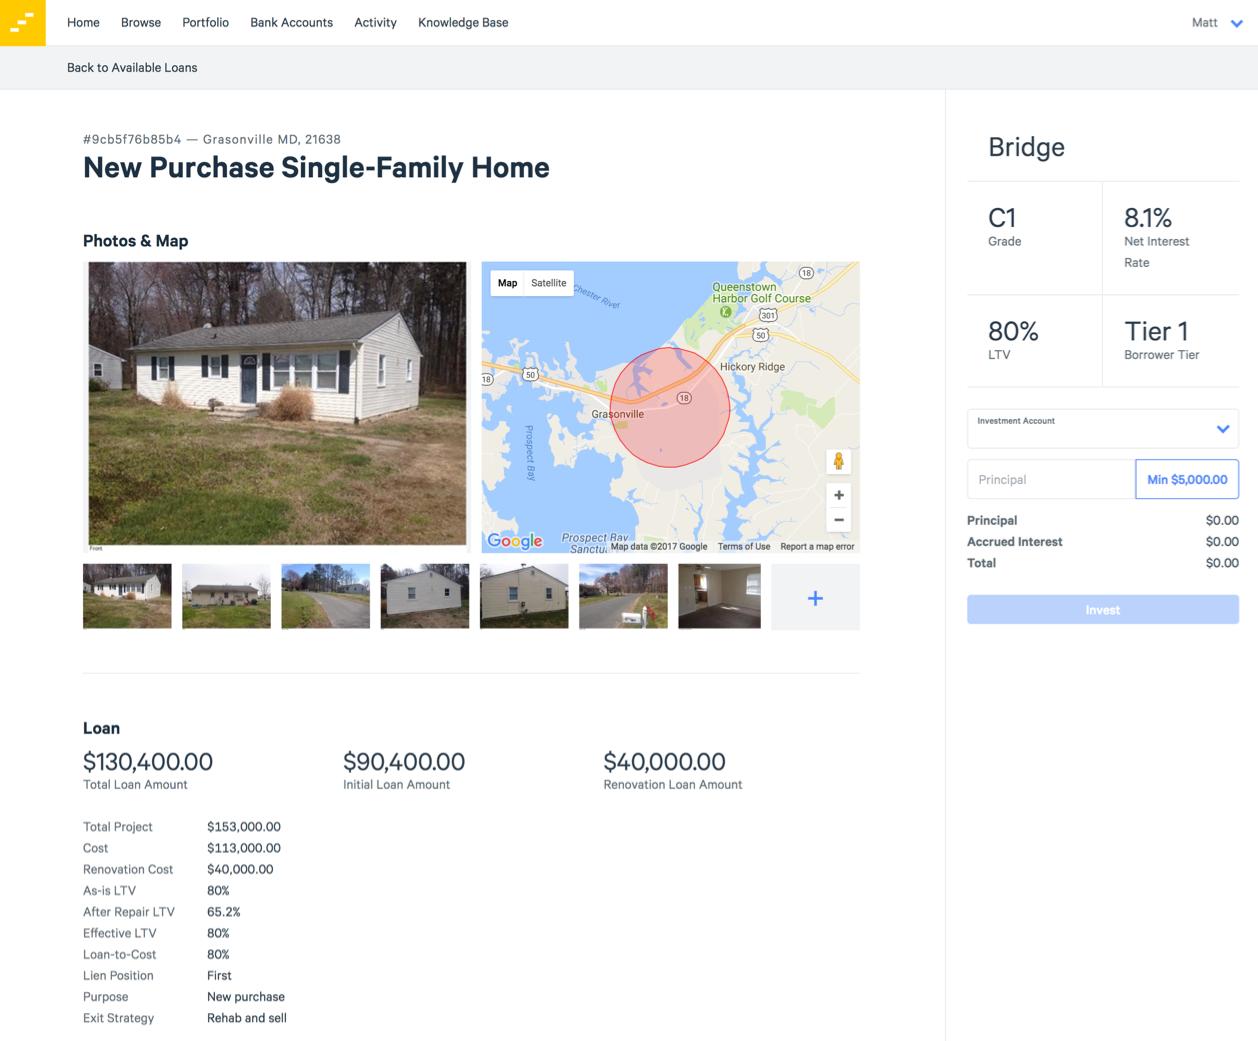 lendinghome loan details page